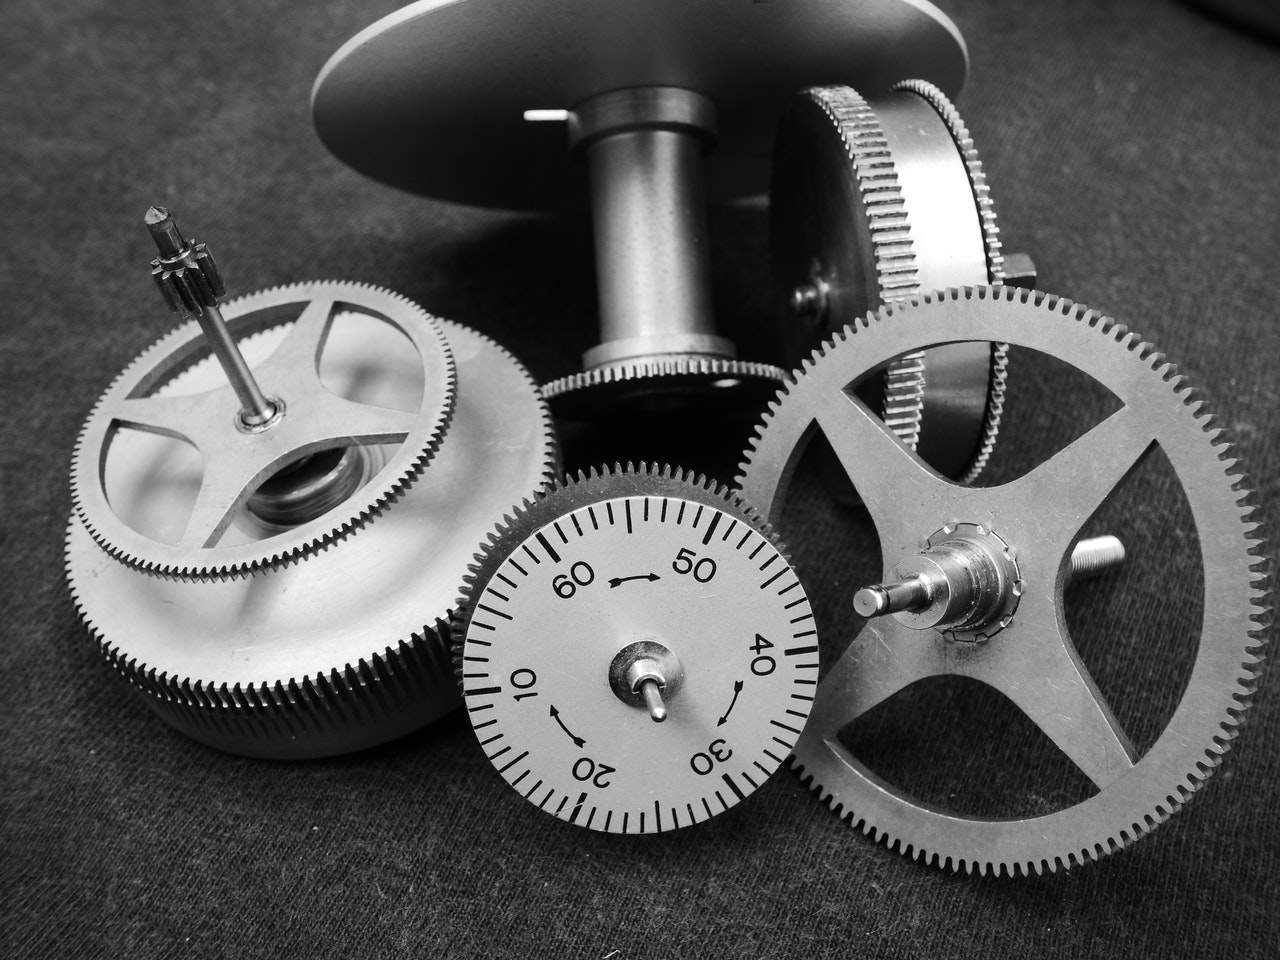 Jaki mechanizm w zegarku?